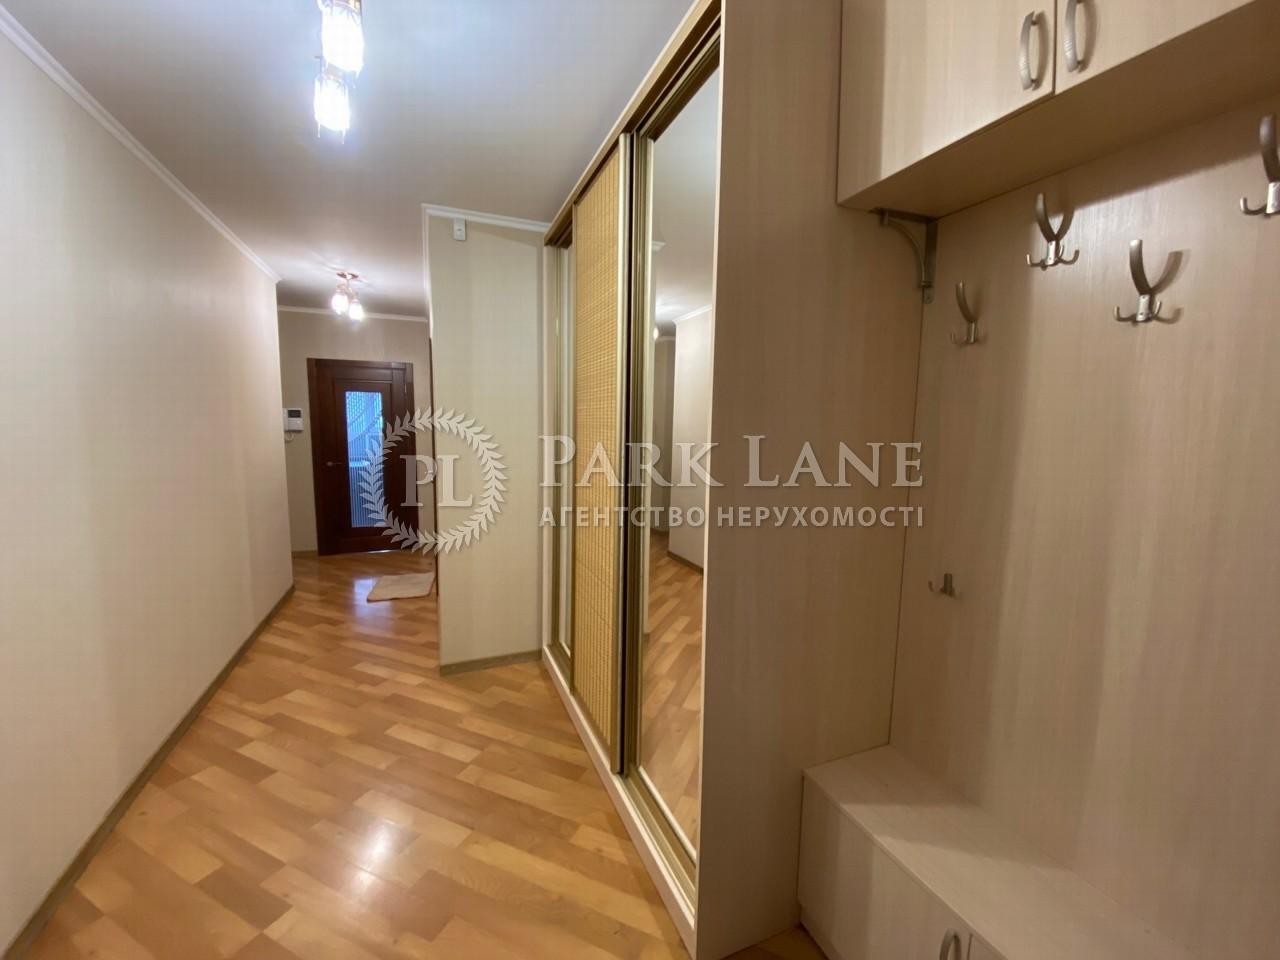 Квартира вул. Дегтярівська, 25а, Київ, B-83865 - Фото 13